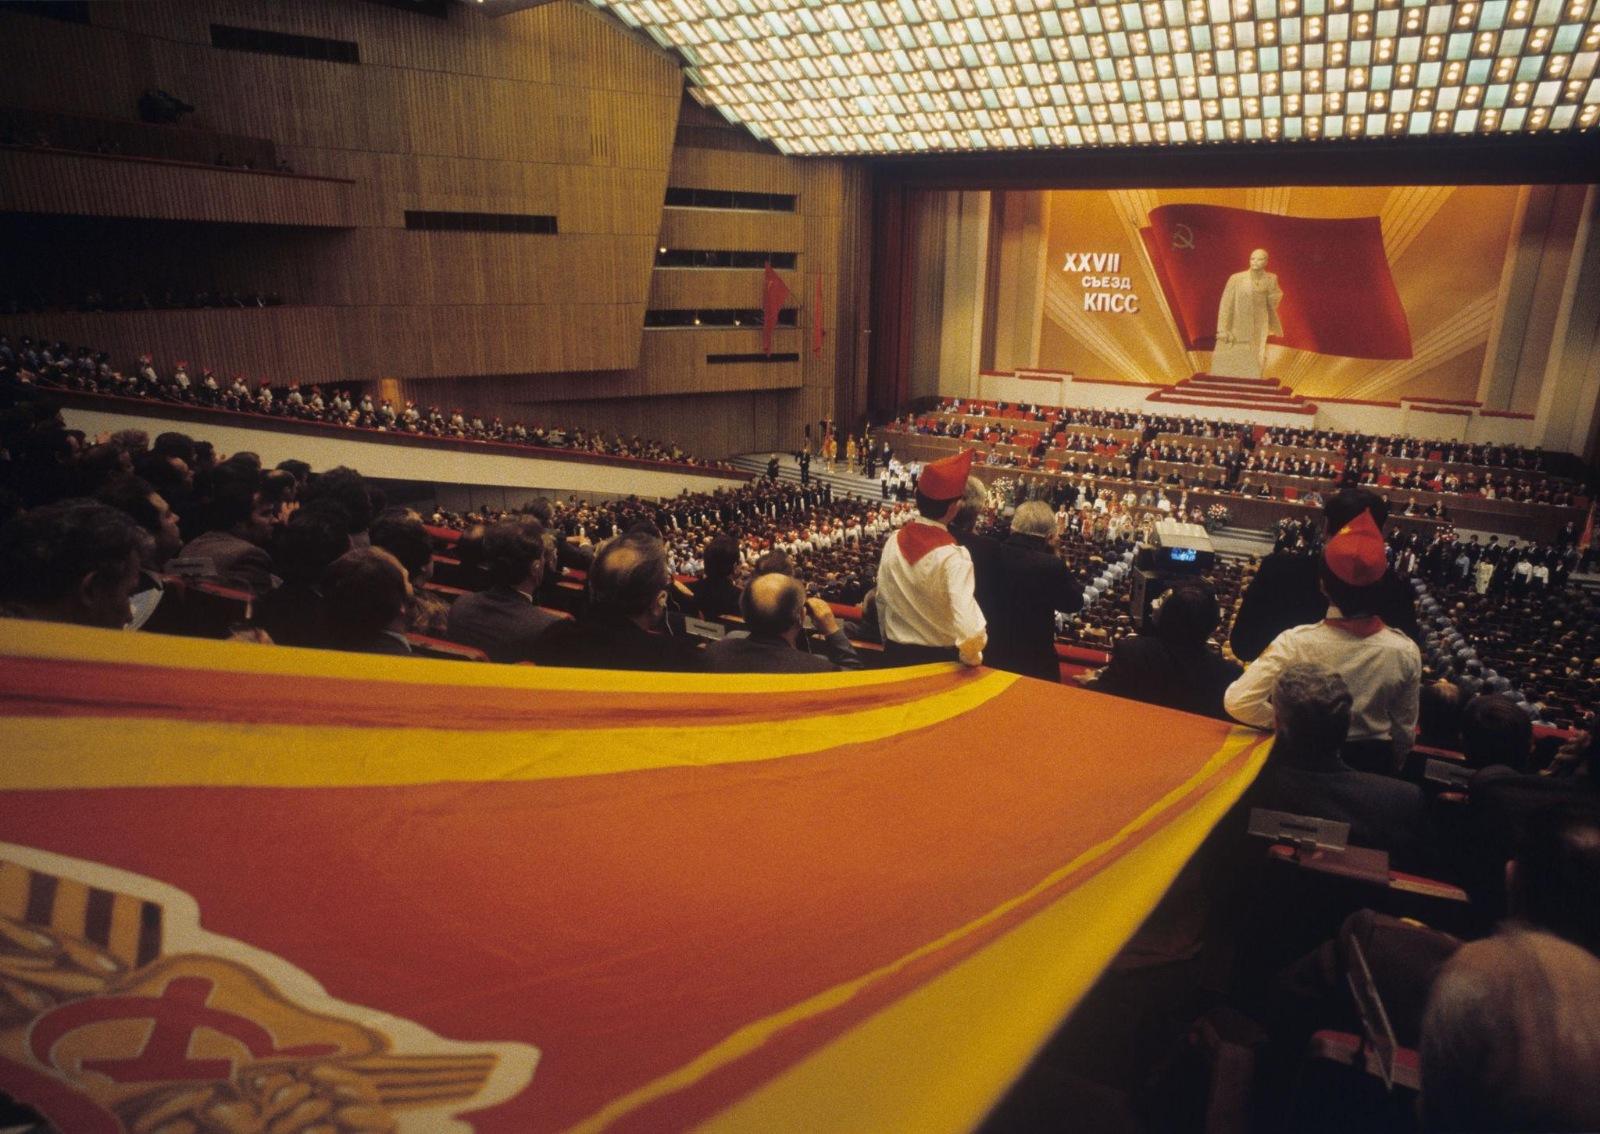 Пионеры поздравляют участников 27-го съезда Коммунистической партии Советского Союза во время открытия съезда